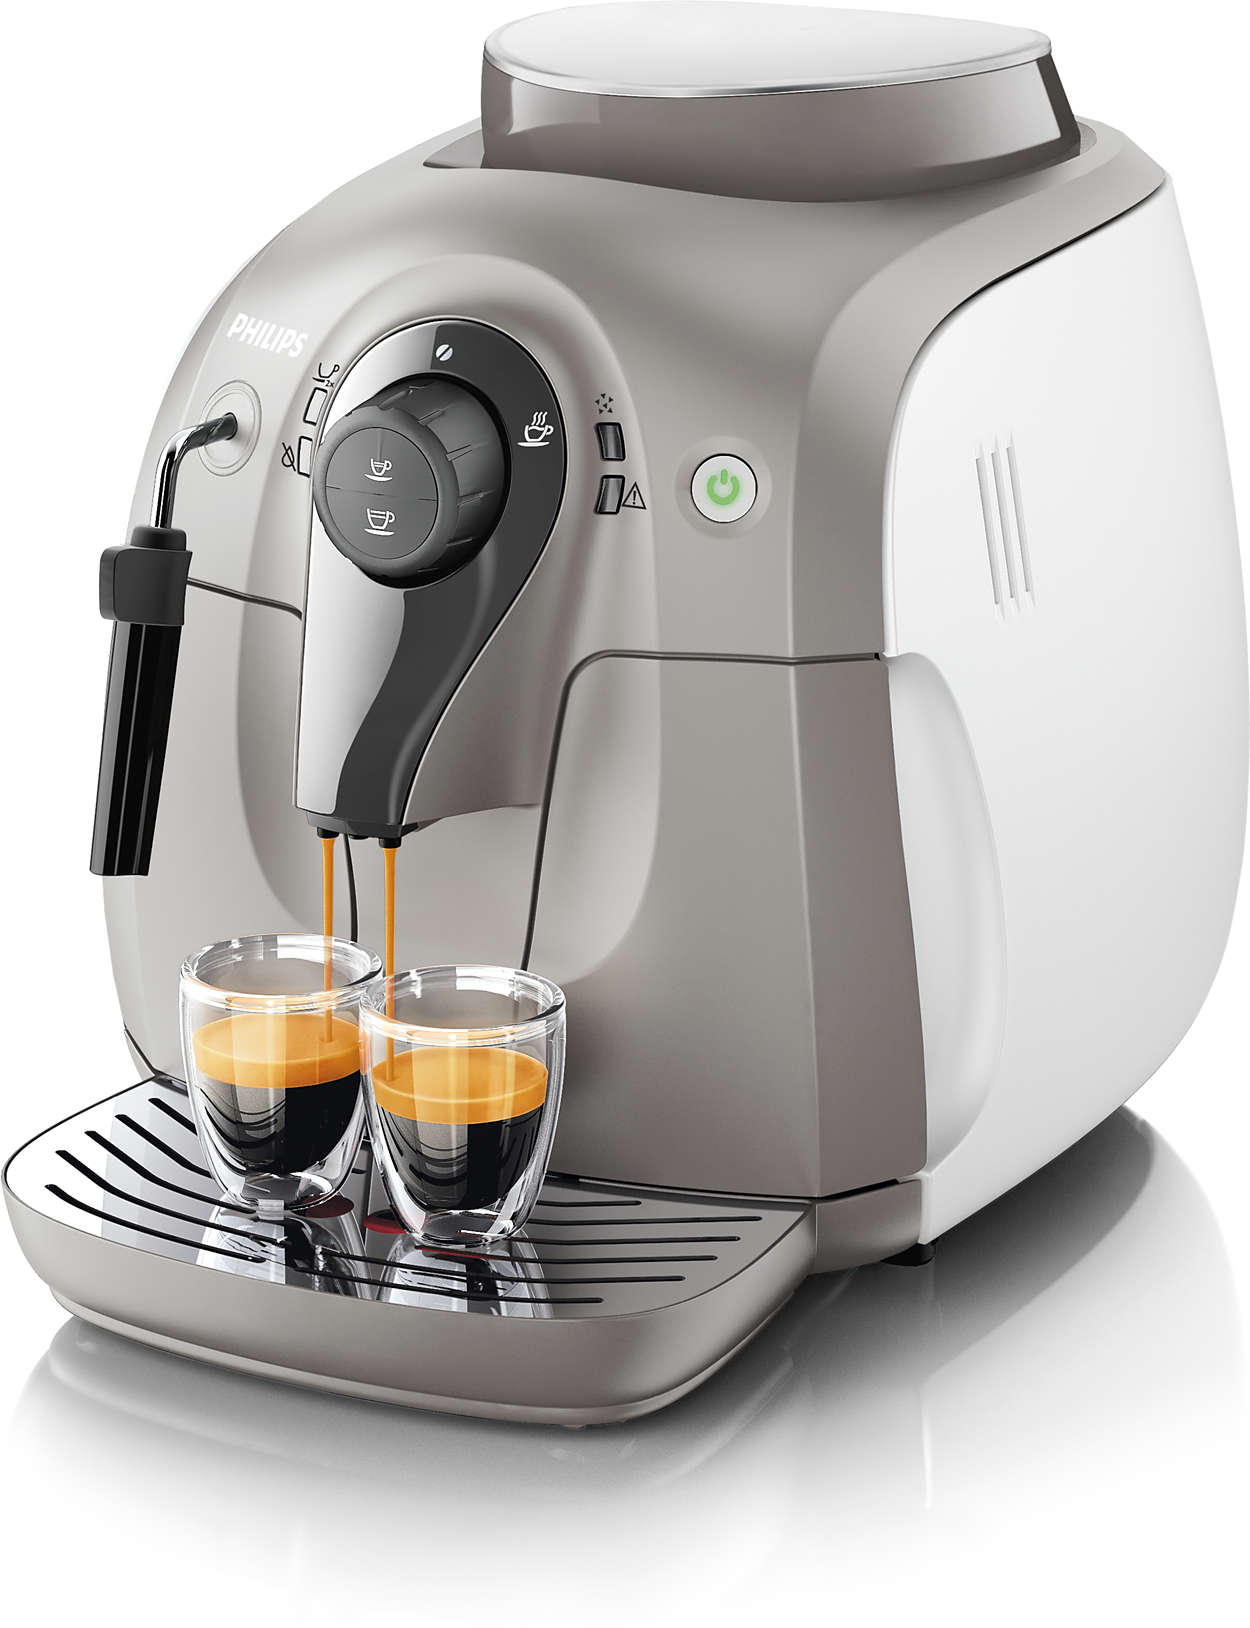 Erleben Sie das volle Aroma Ihres Lieblingskaffees